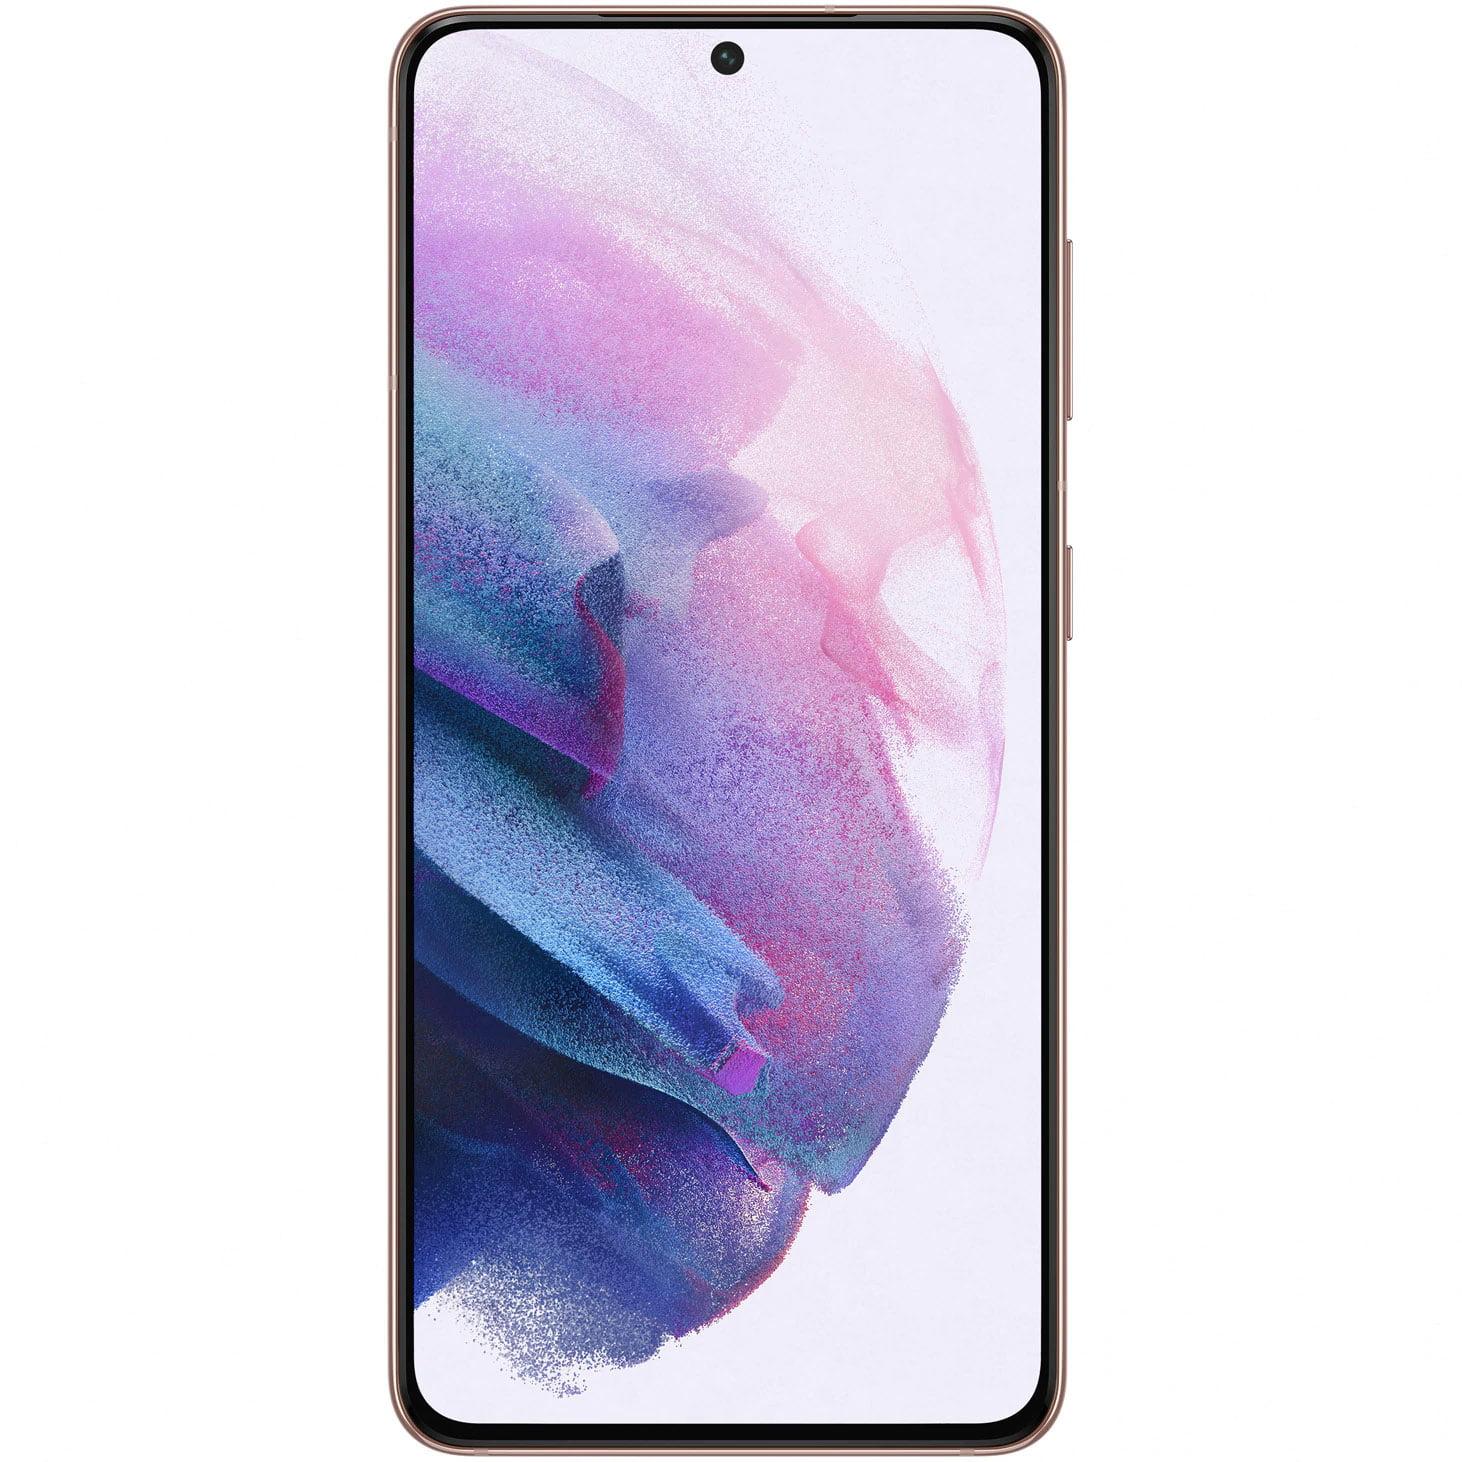 Telefon mobil Samsung Galaxy S21, Dual SIM, 256GB, 8GB RAM, 5G, Phantom Violet